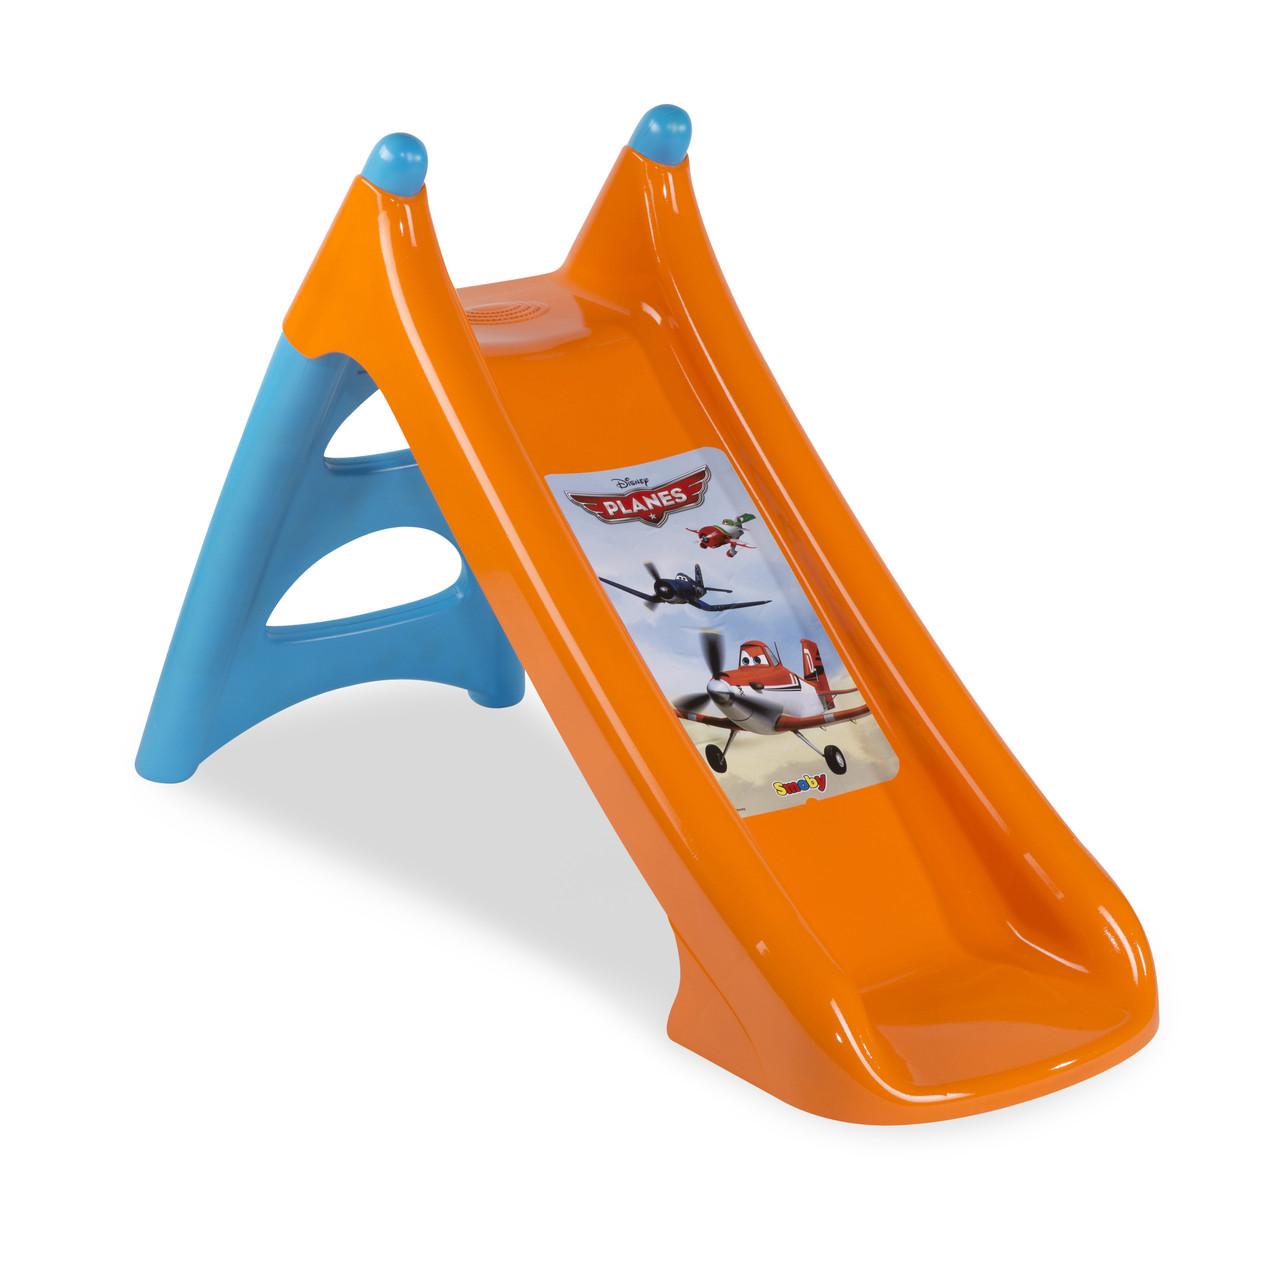 """Игровые площадки «Smoby» (310271) горка садовая """"XS"""" """"Самолёты (Planes)"""" с водным эффектом, длина спуска 90 см"""